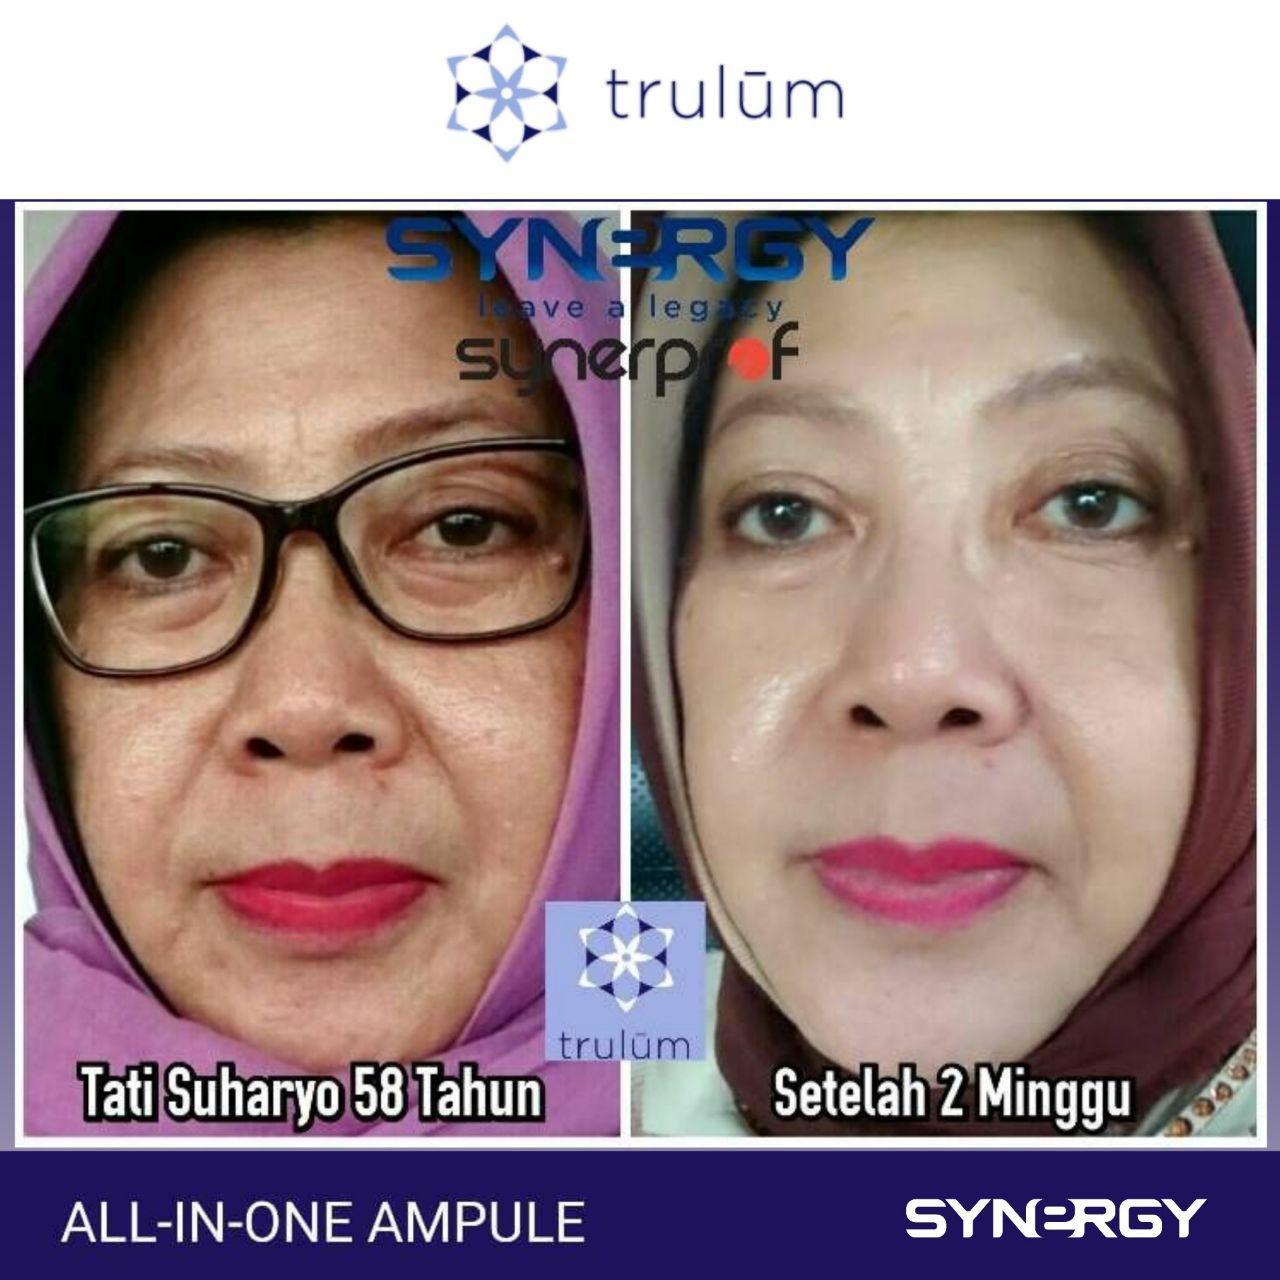 Klinik estetika Trulum Skincare Synergy Di Kepulauan Meranti